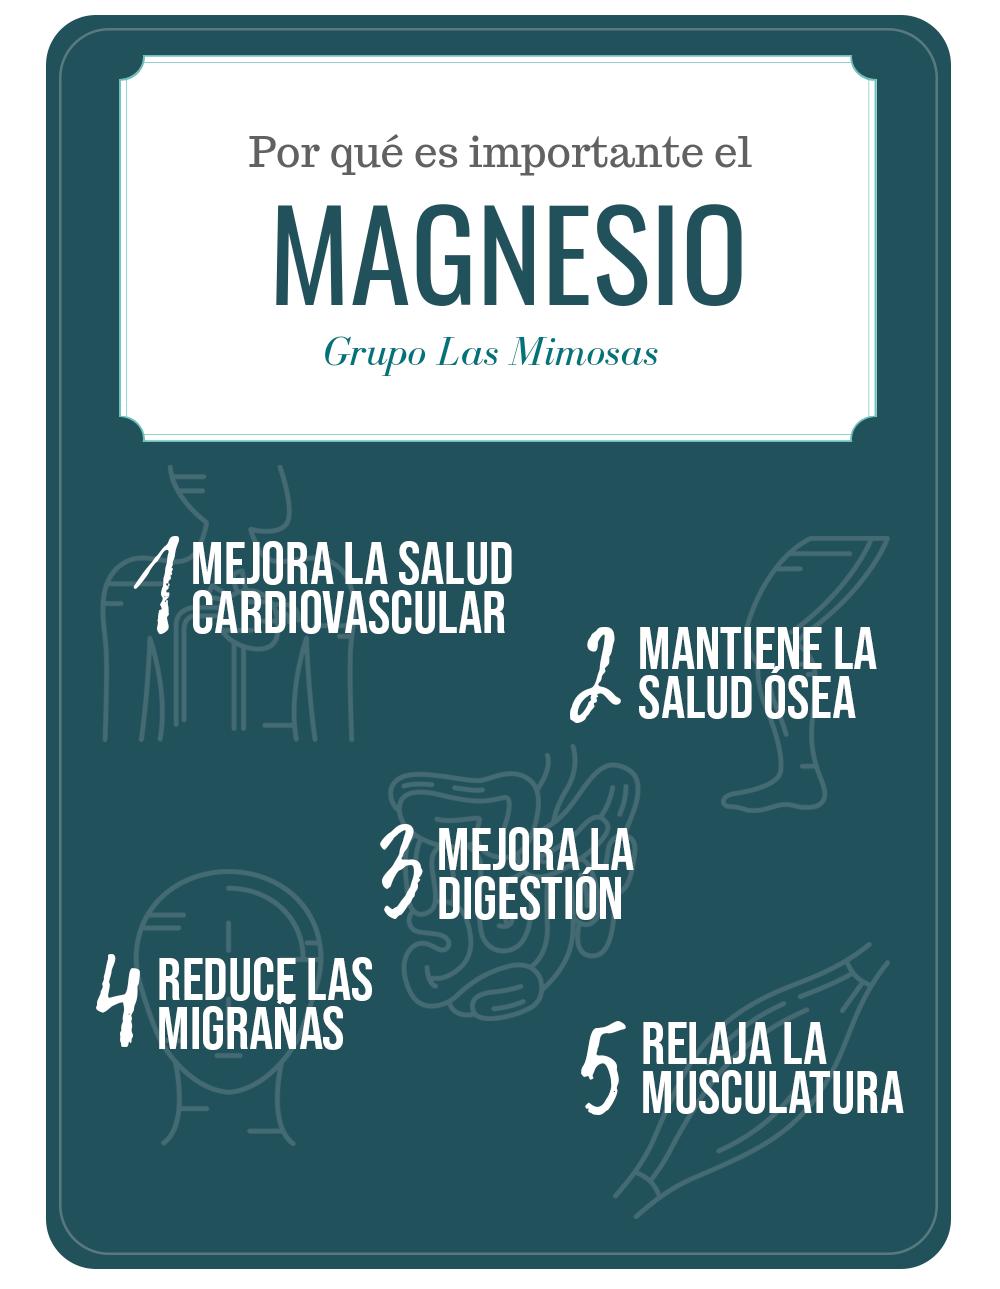 Infografía con las 5 cosas por las que el magnesio es imprescindible para el organismo